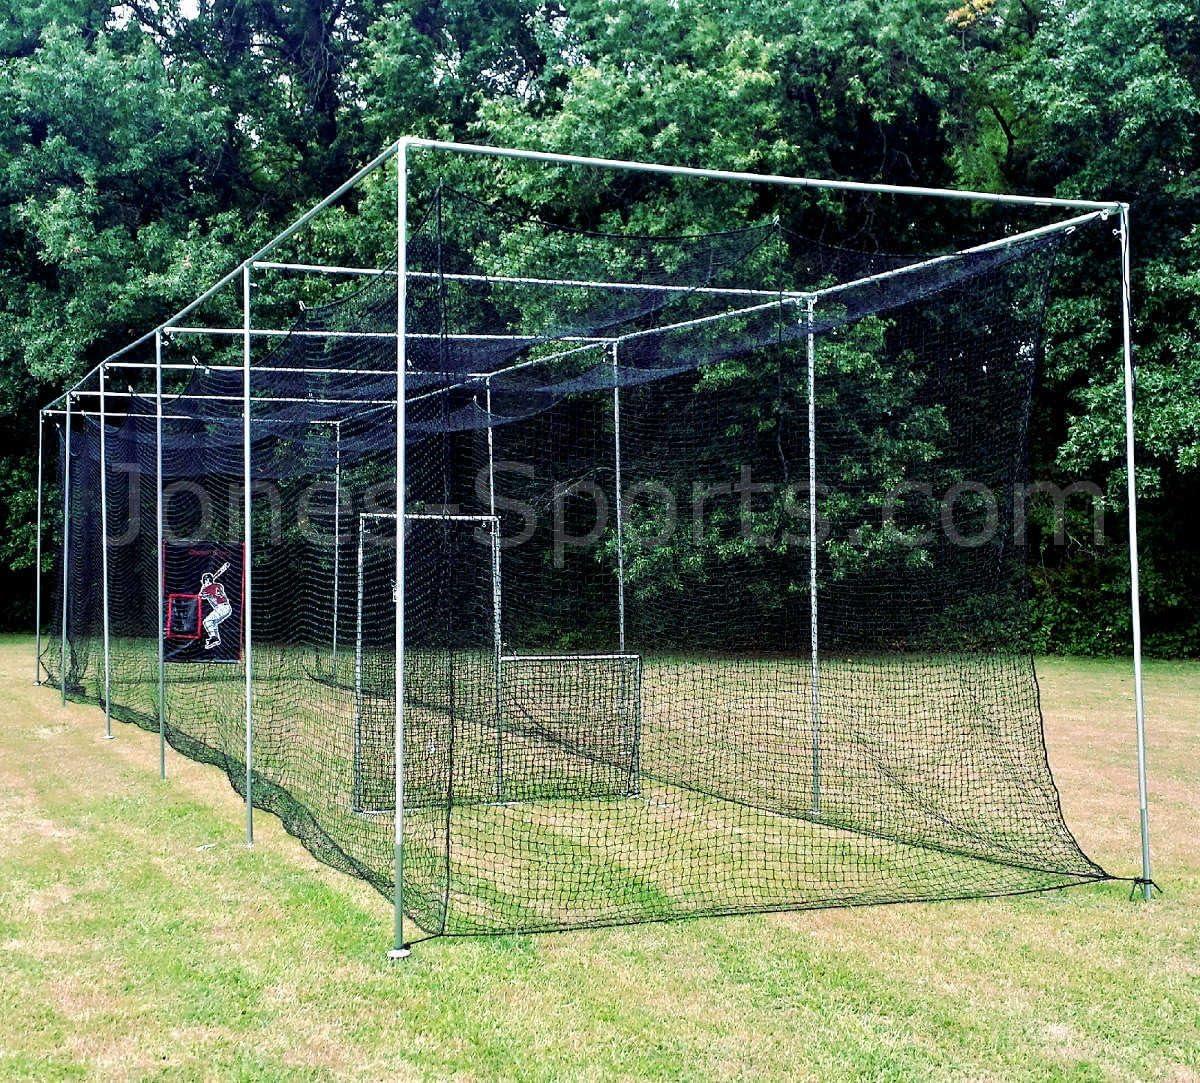 Jones Sports #42 60ply 10' X 12' Outdoor Batting 50' Fixed price for sale Overseas parallel import regular item C Indoor